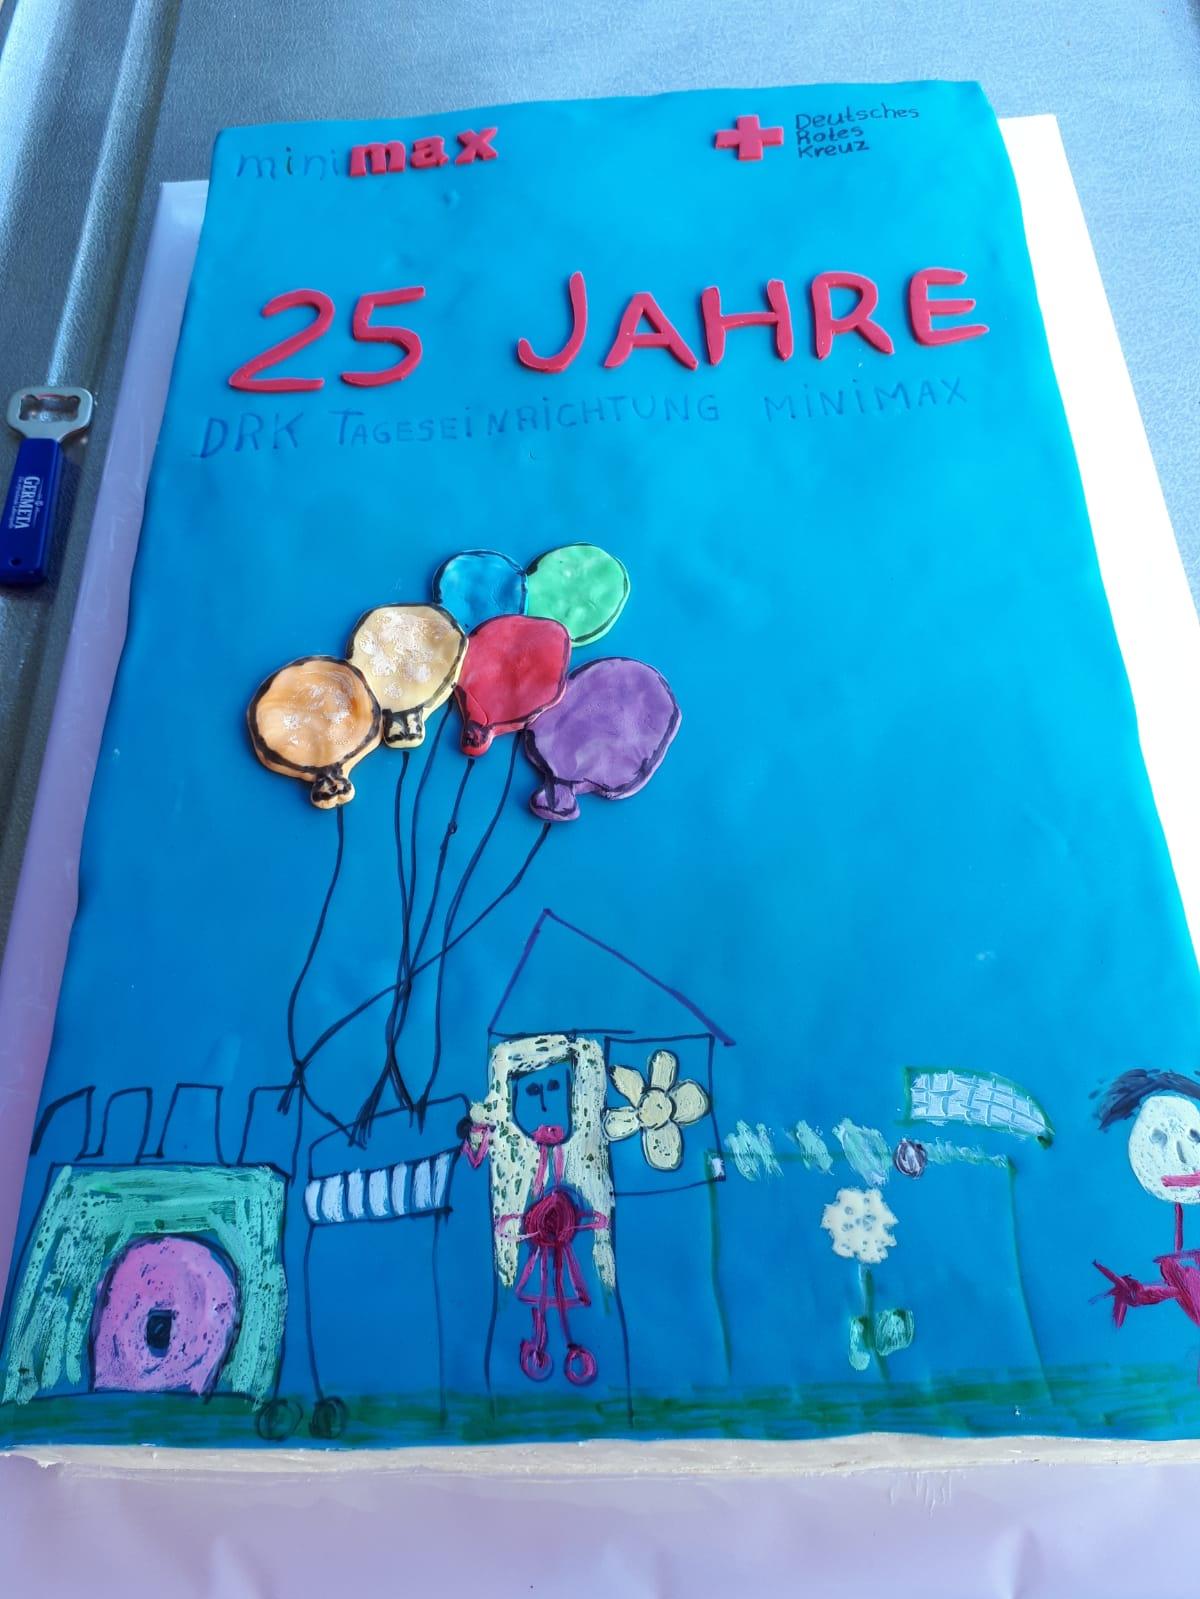 Dargestellt ist eine Torte mit dem Text 25 Jahre DRK Tageseinrichtung Minimax